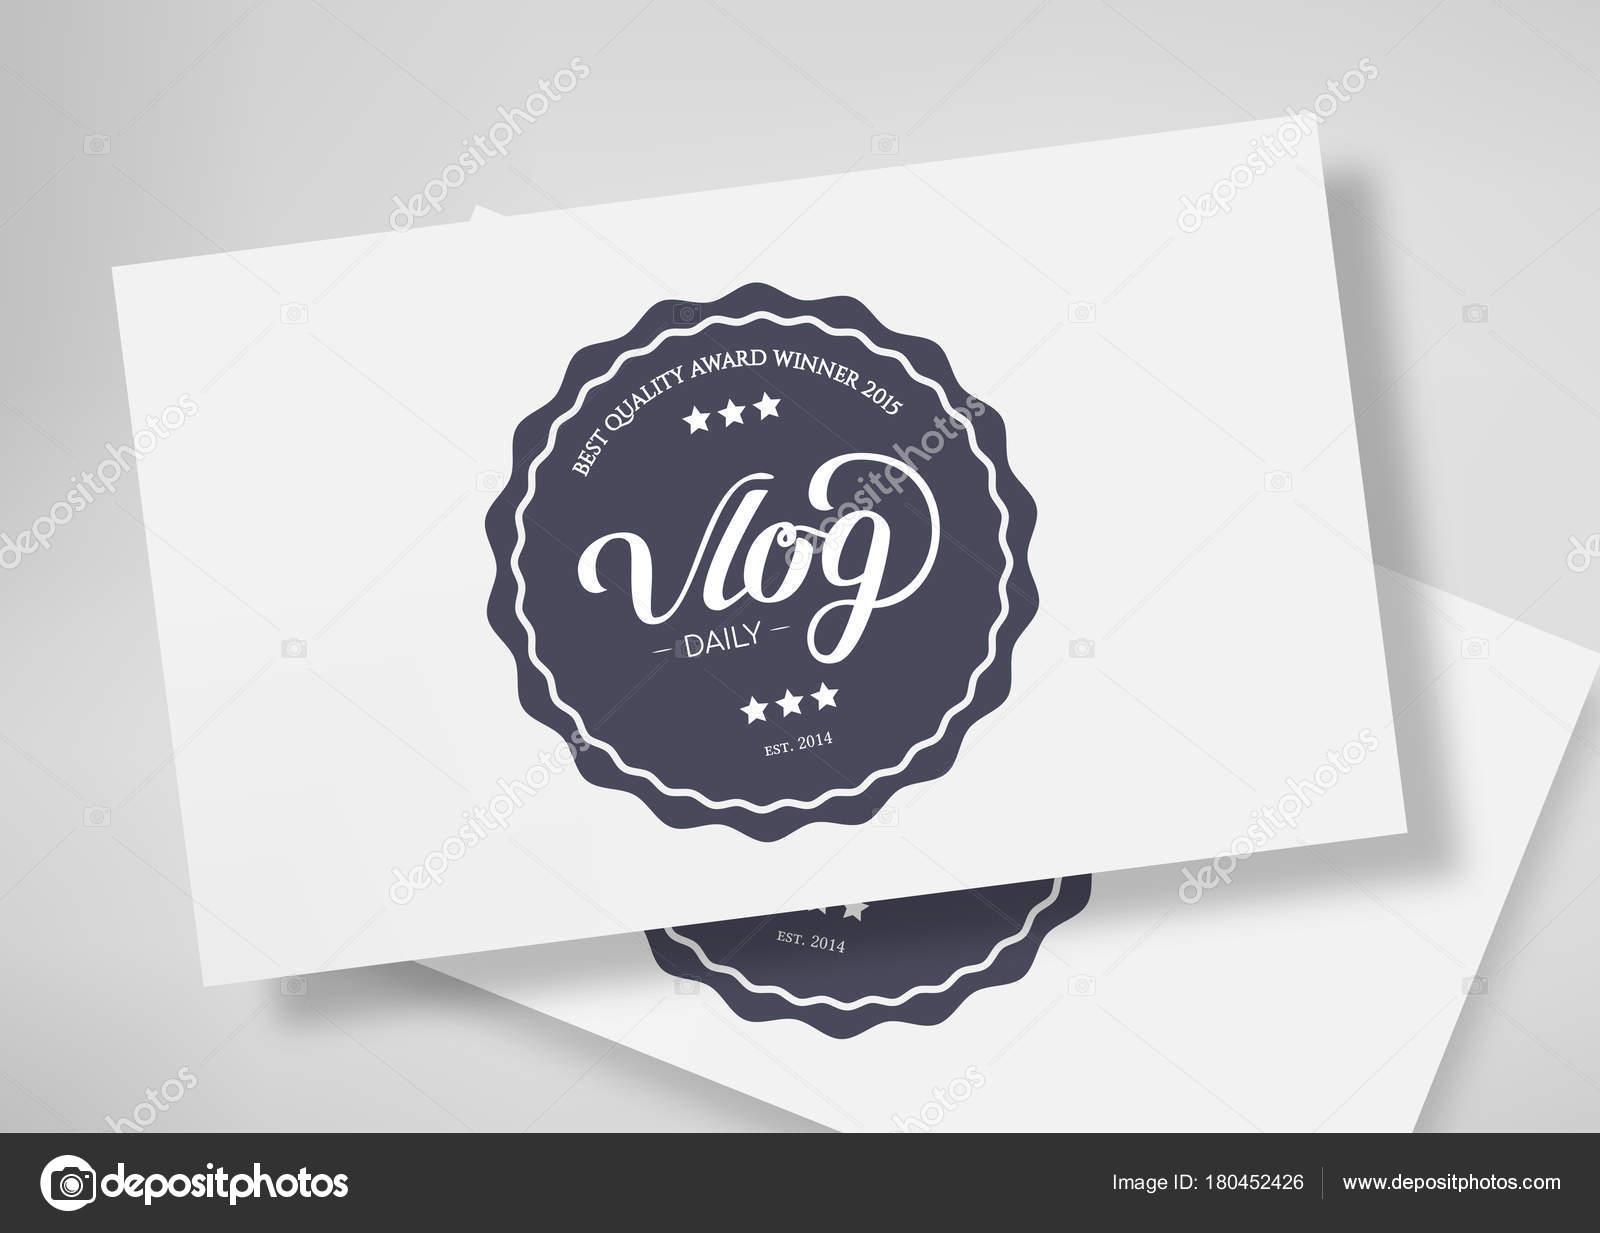 Schrift-Design-Vorlage — Stockvektor © highflier #180452426